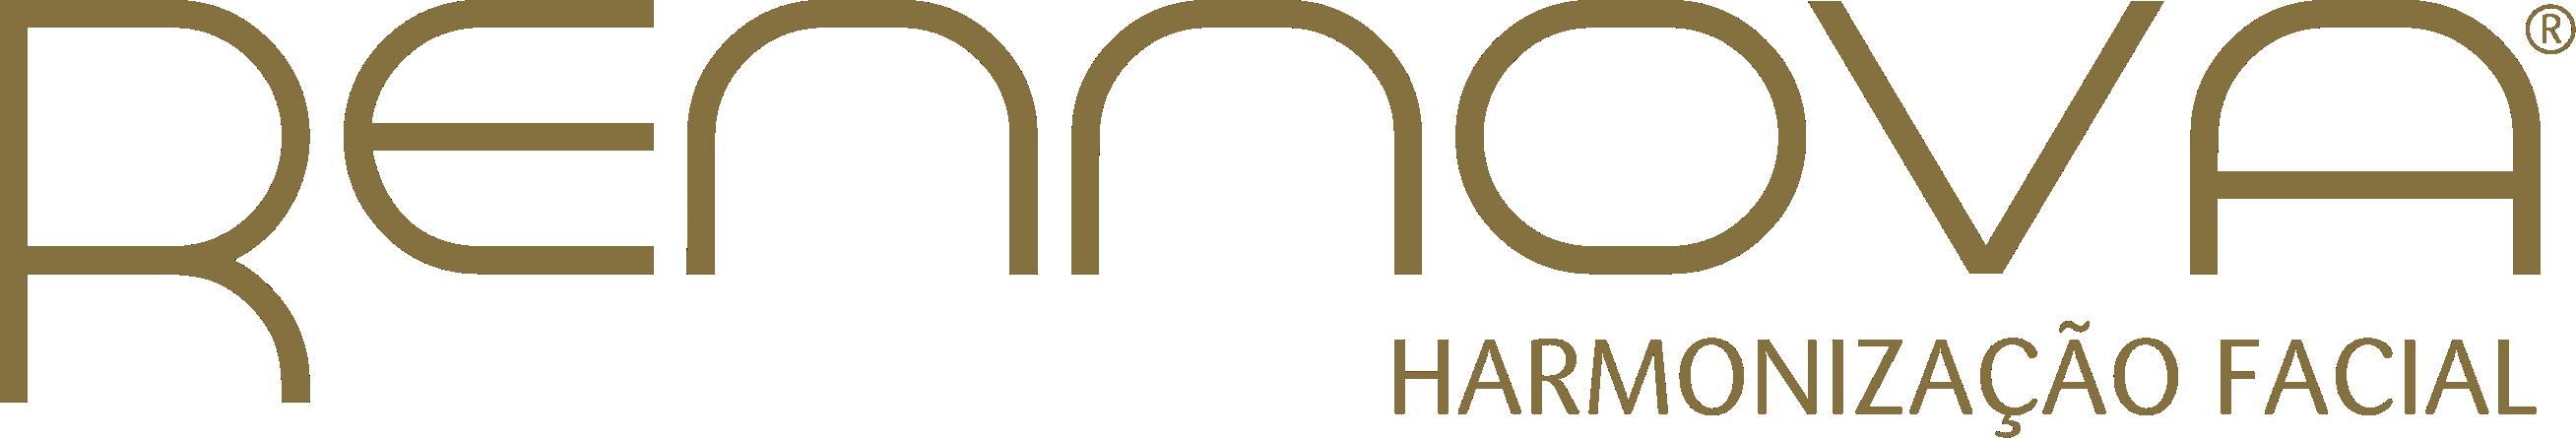 Rennova - Logotipo PNG